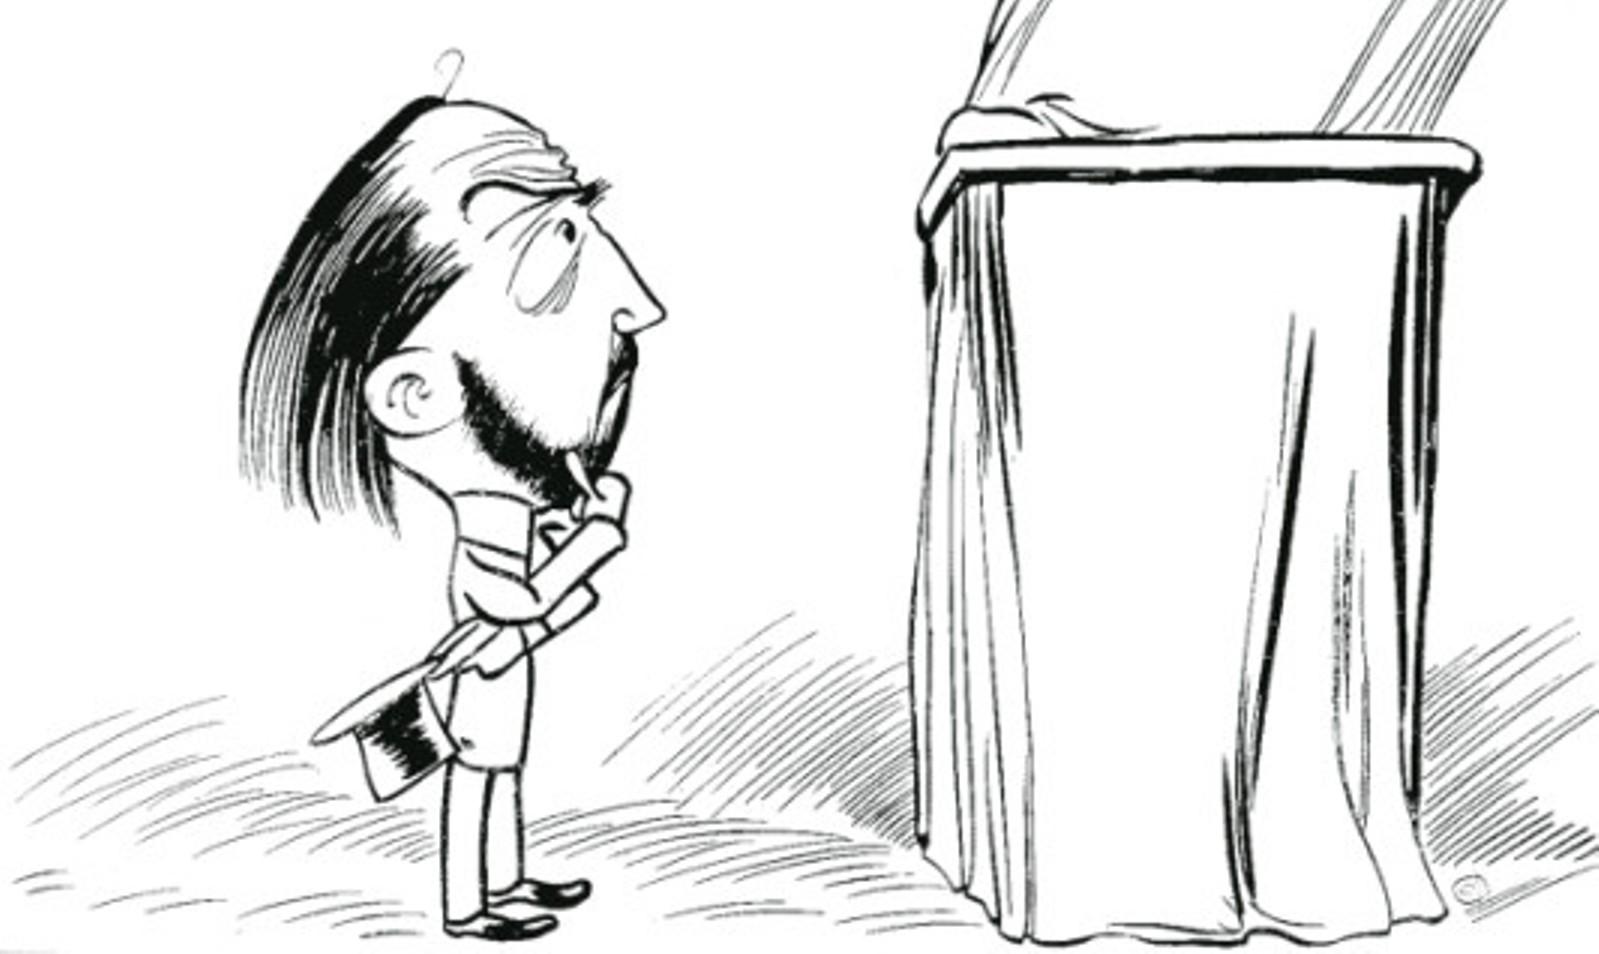 Image - Devant la statue, les efforts d'intellectualité